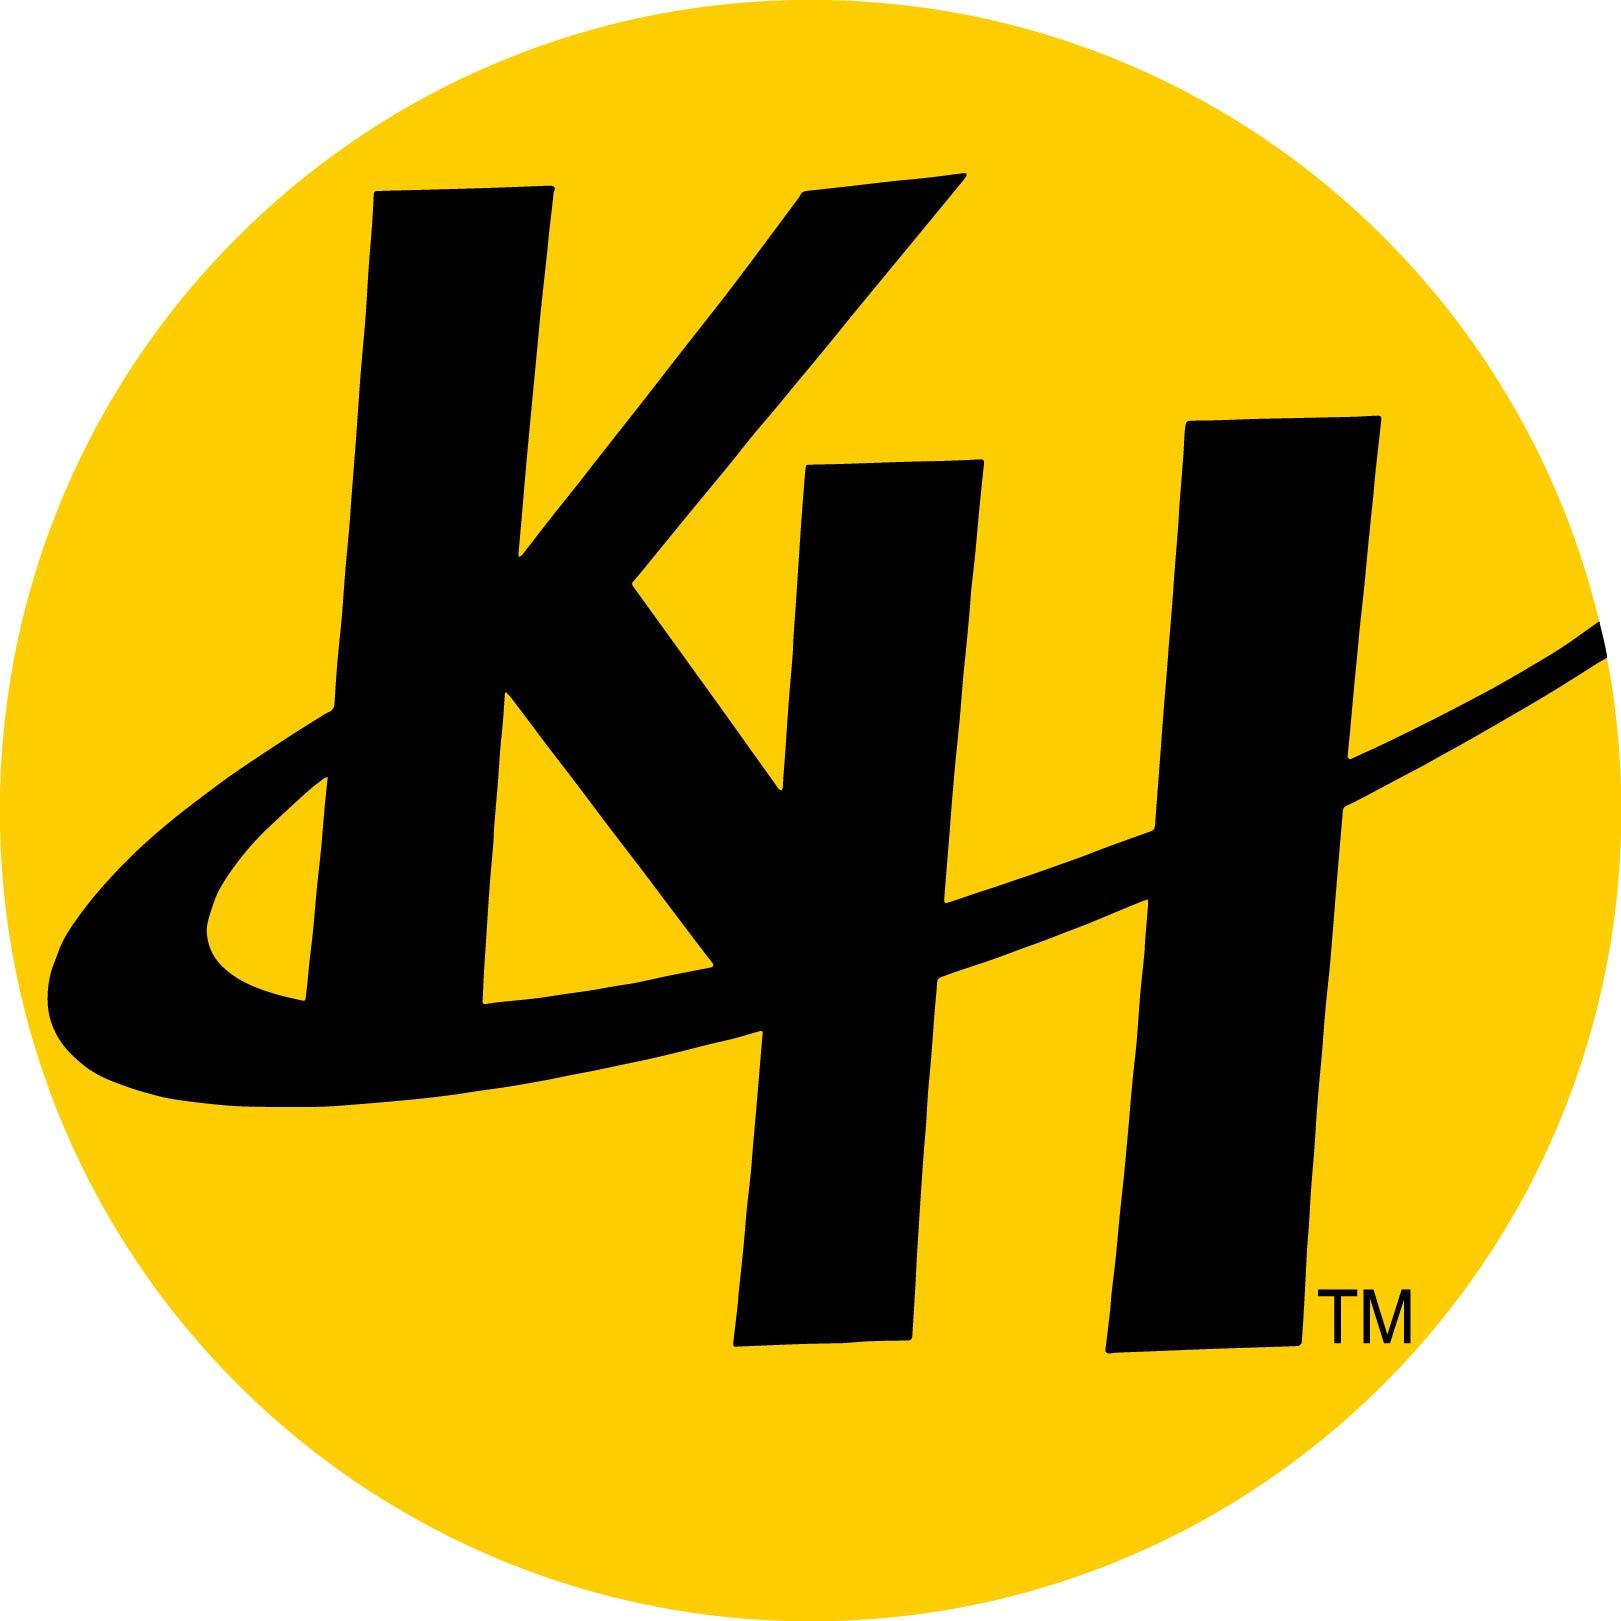 Kenowa Hills Public Schools